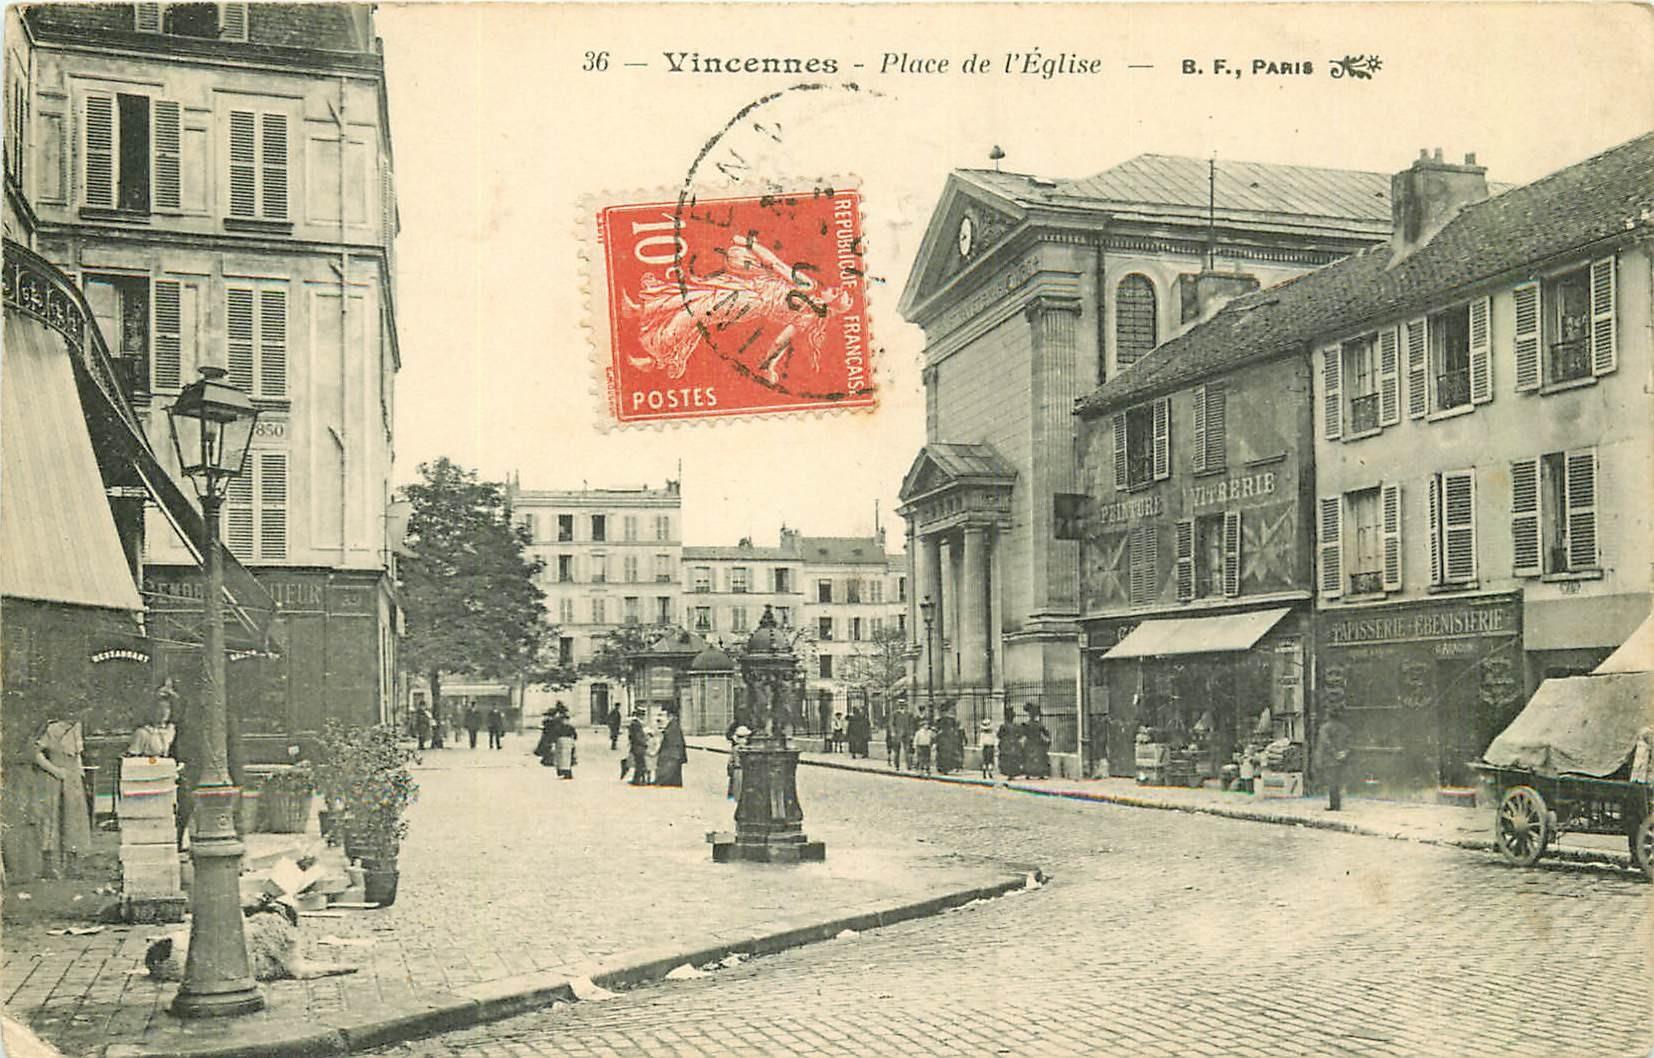 WW 94 VINCENNES. Vitrerie et Tapisserie Place de l'Eglise 1912